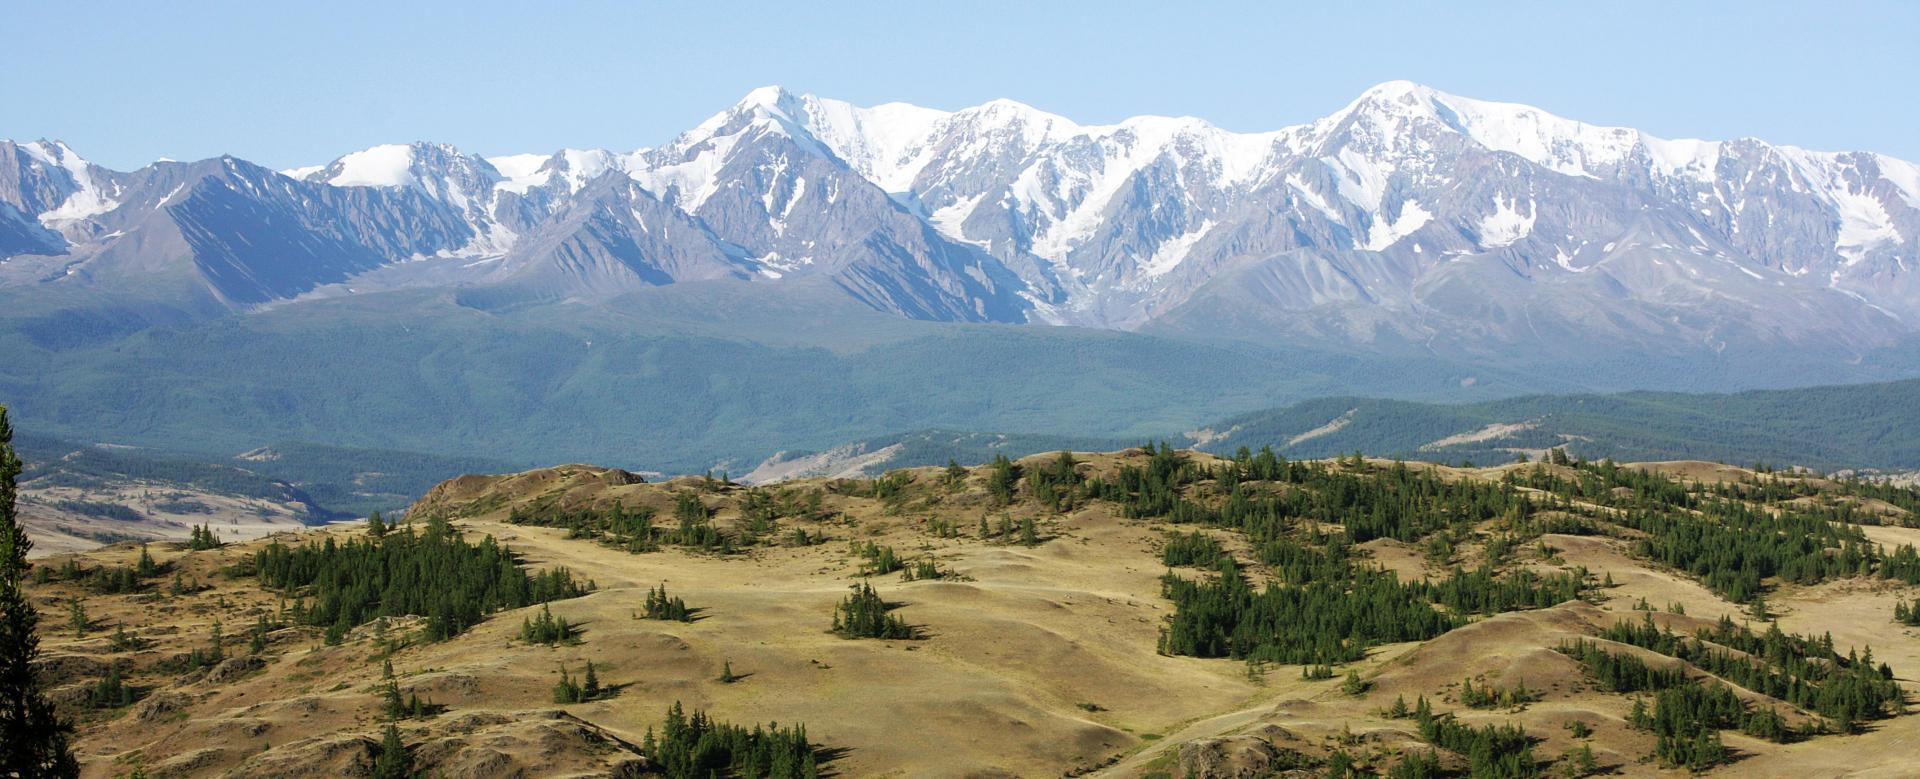 Voyage à pied Russie : Montagnes et steppes de l'altaï